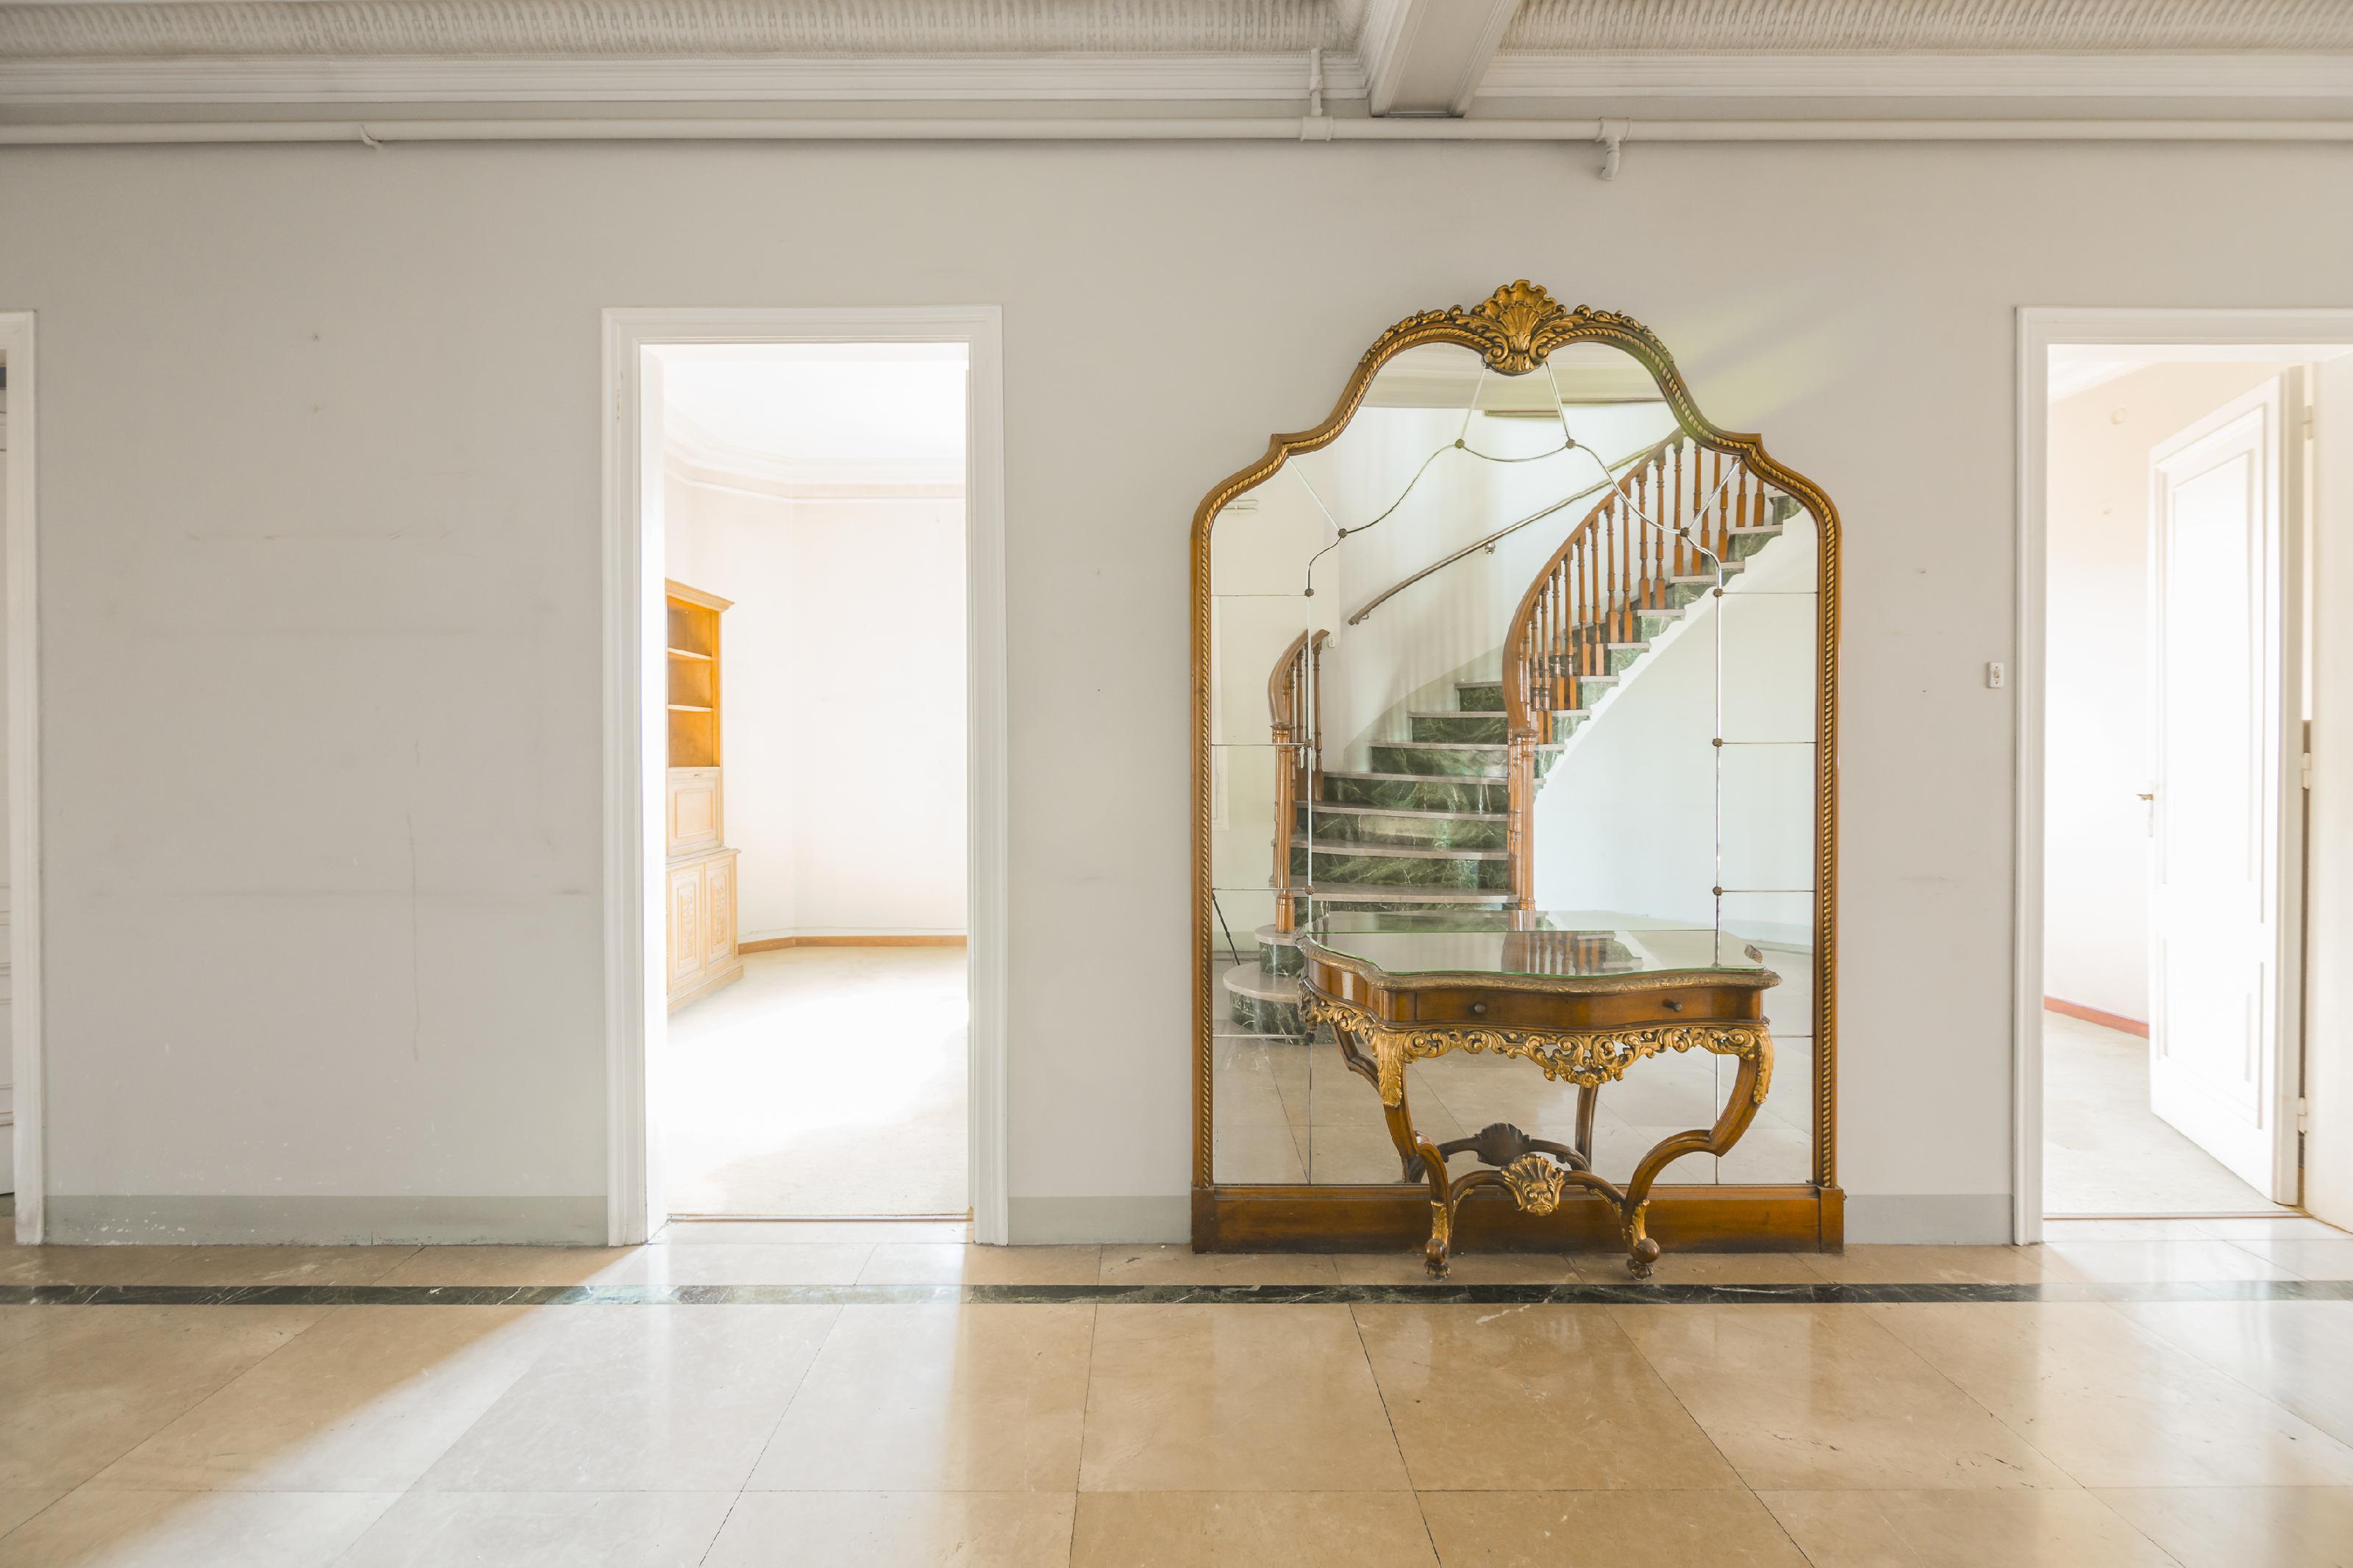 246643 Penthouse for sale in Sarrià-Sant Gervasi, St. Gervasi-Bonanova 6